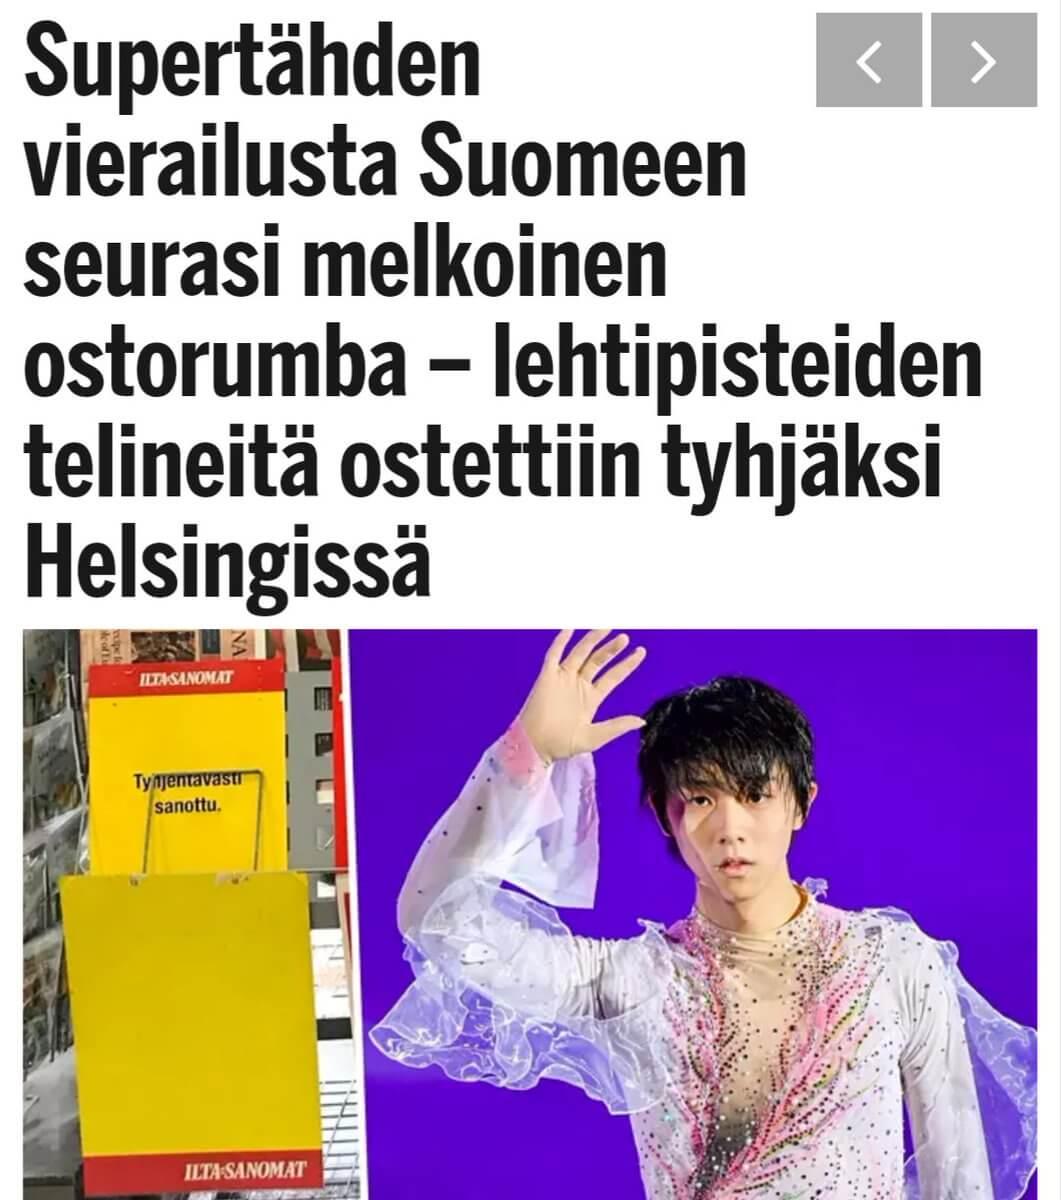 ヘルシンキ市内でフィンランド大会の新聞が売れまくってるとニュースにw